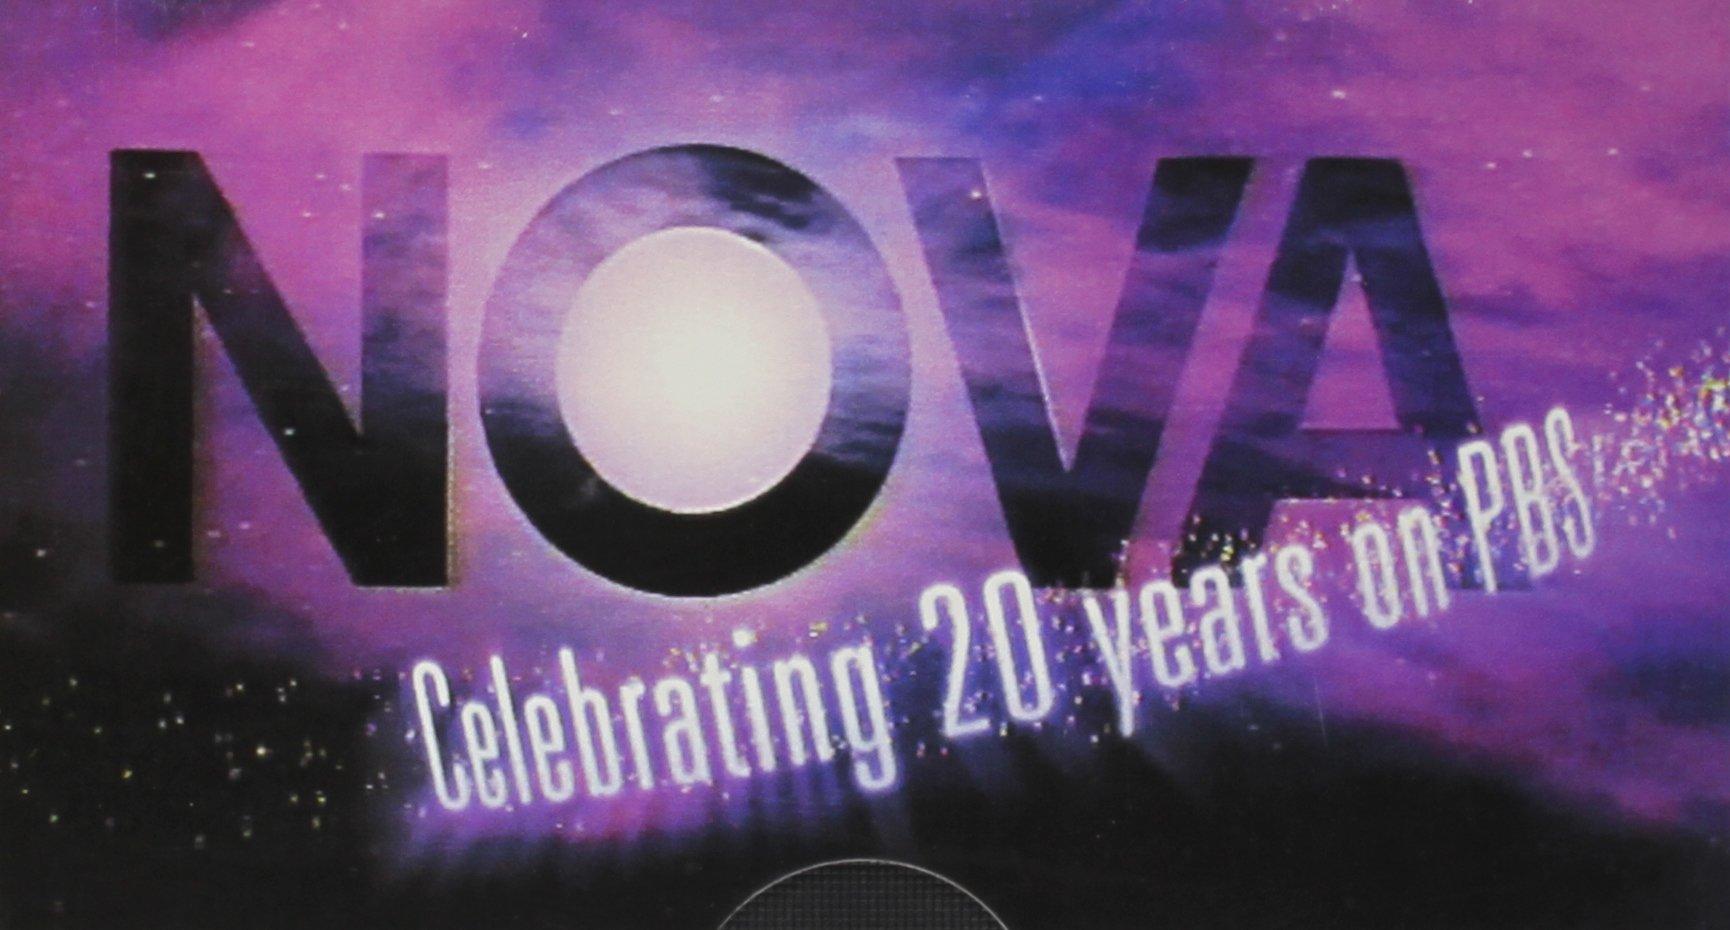 Nova: Earthquake [VHS]